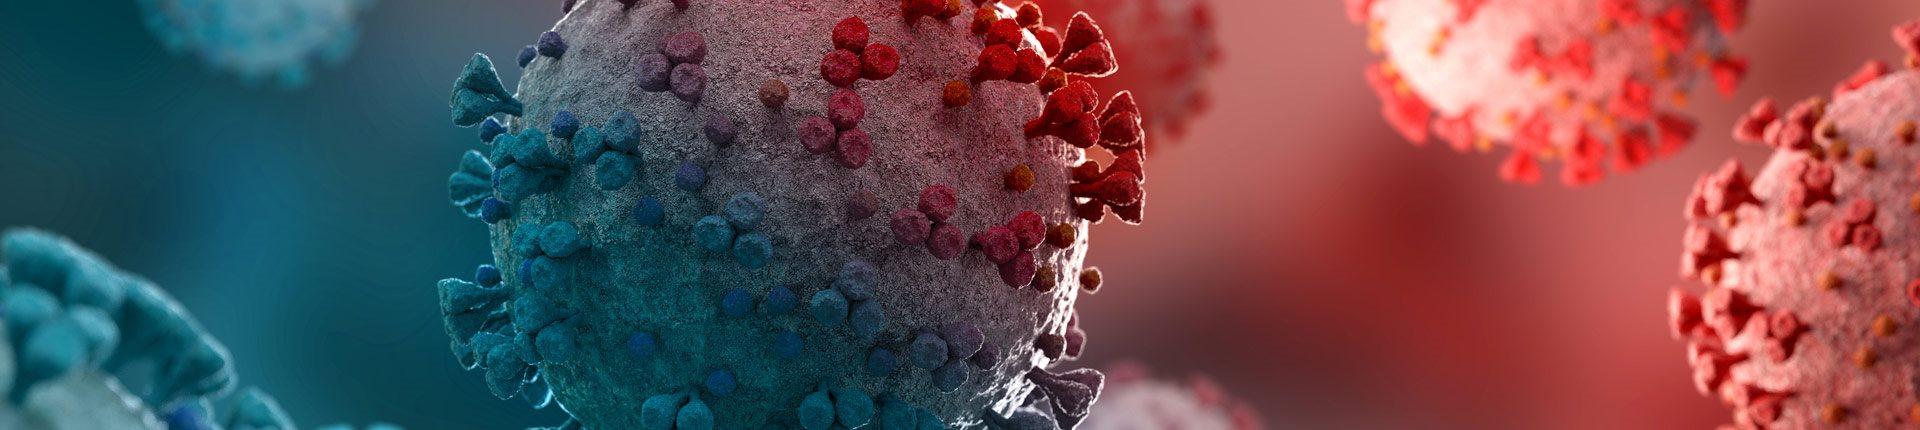 Trwałe powikłania infekcji COVID-19